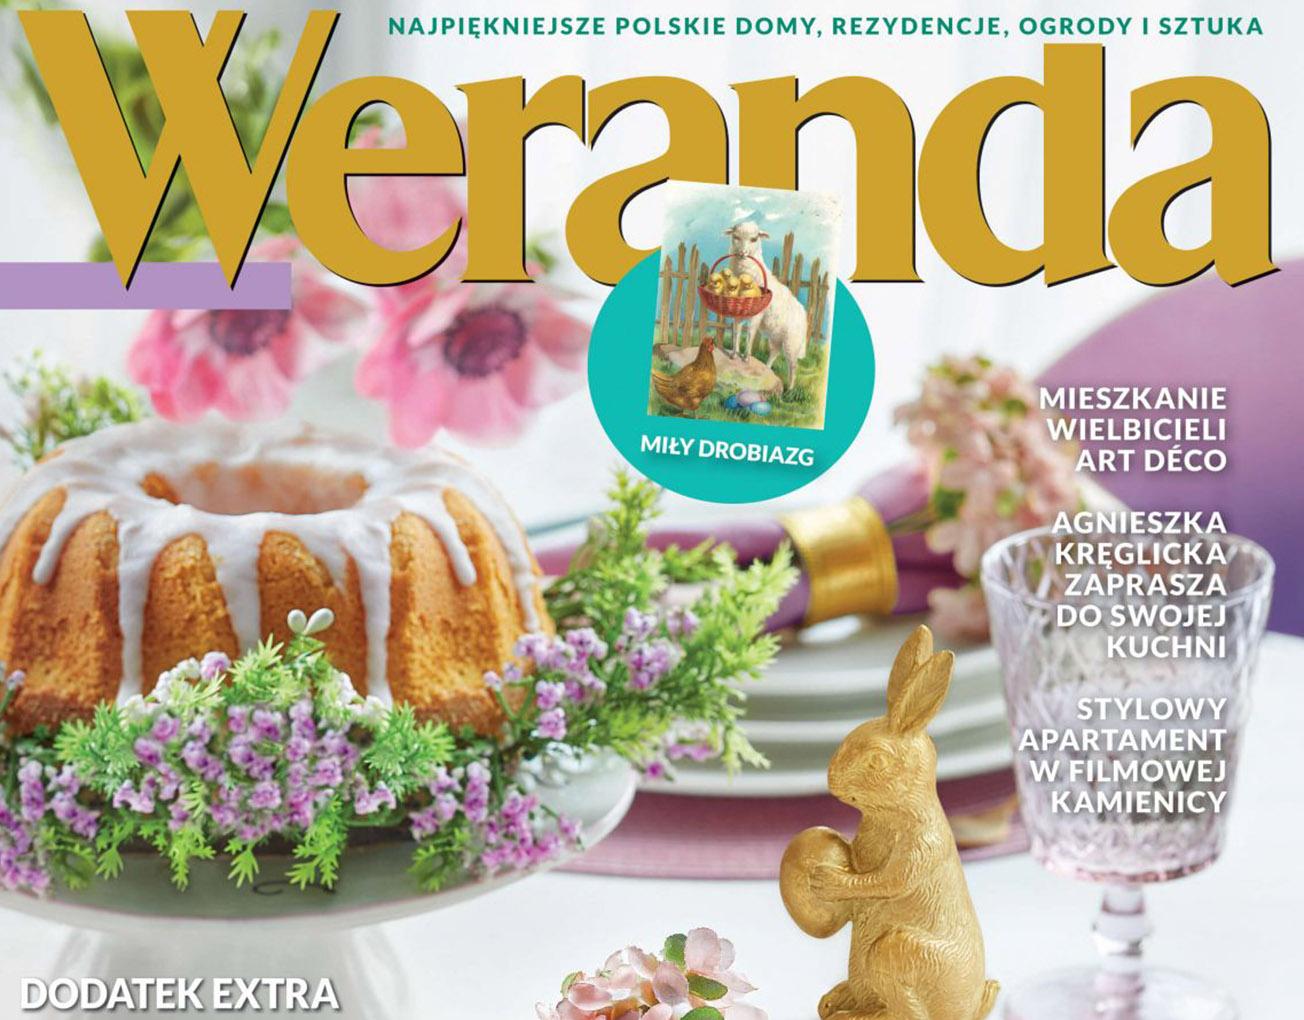 Produkty Red Lychee w magazynie Weranda - www.red-lychee.pl